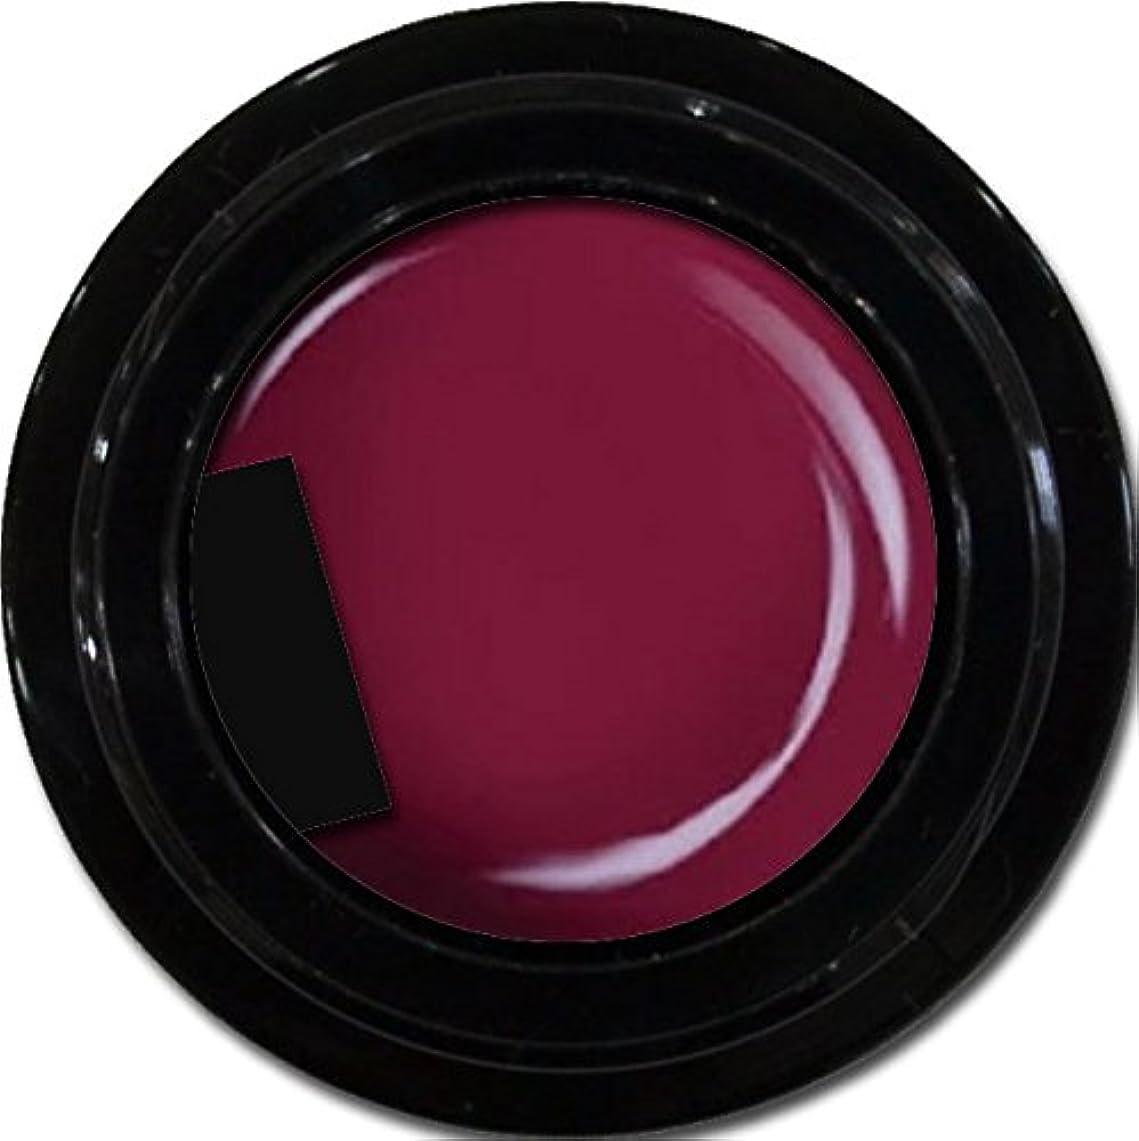 ブラウズ嫉妬かもめカラージェル enchant color gel M211 EnglishPink 3g/ マットカラージェル M211 イングリッシュピンク 3グラム